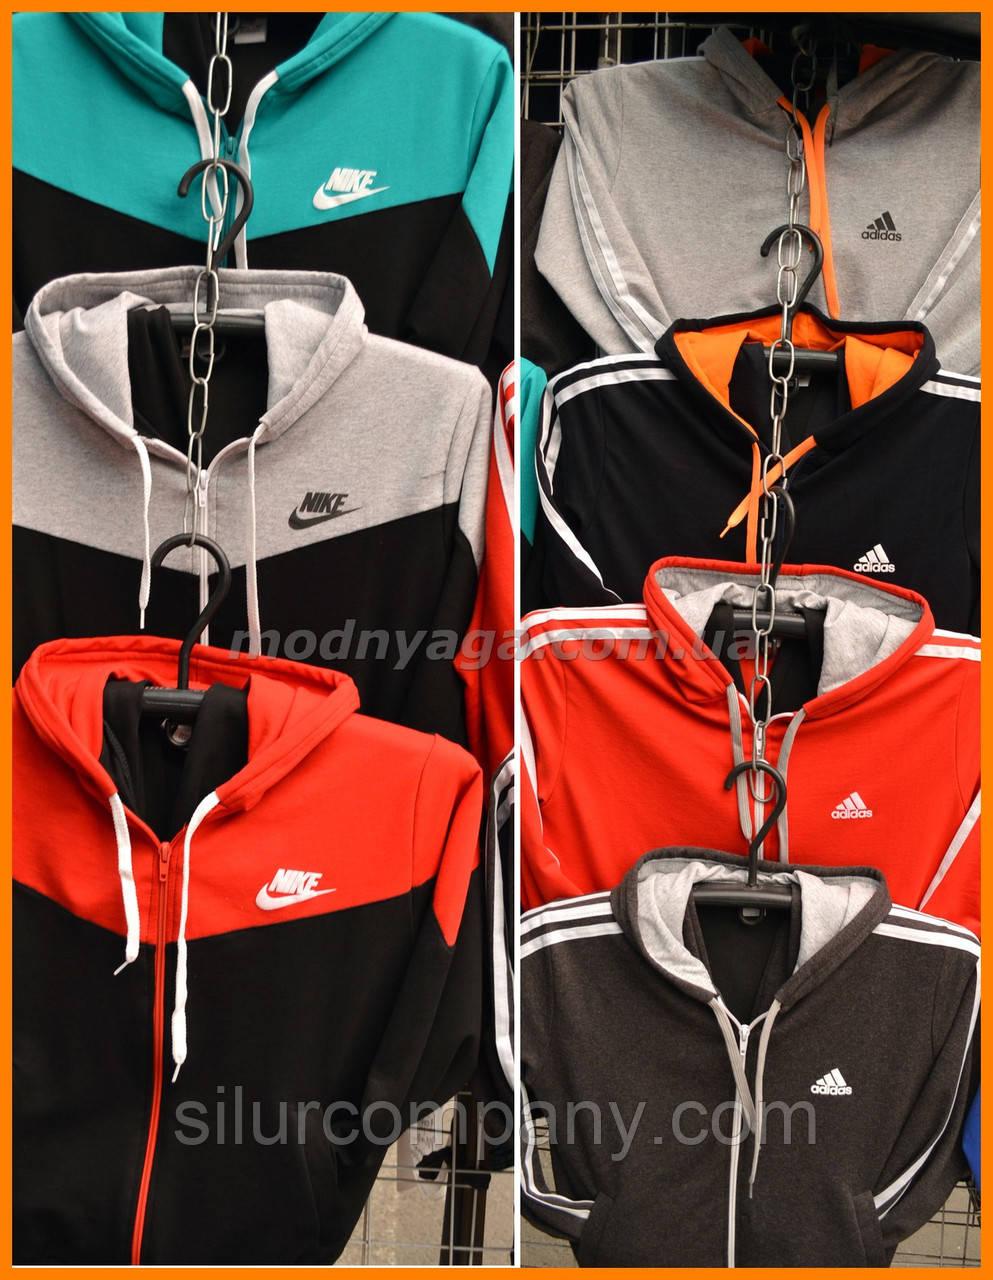 79f9b4bb Детские костюмы Adidas, Nike для школьников   Спортивные костюмы для  физкультуры - Интернет магазин